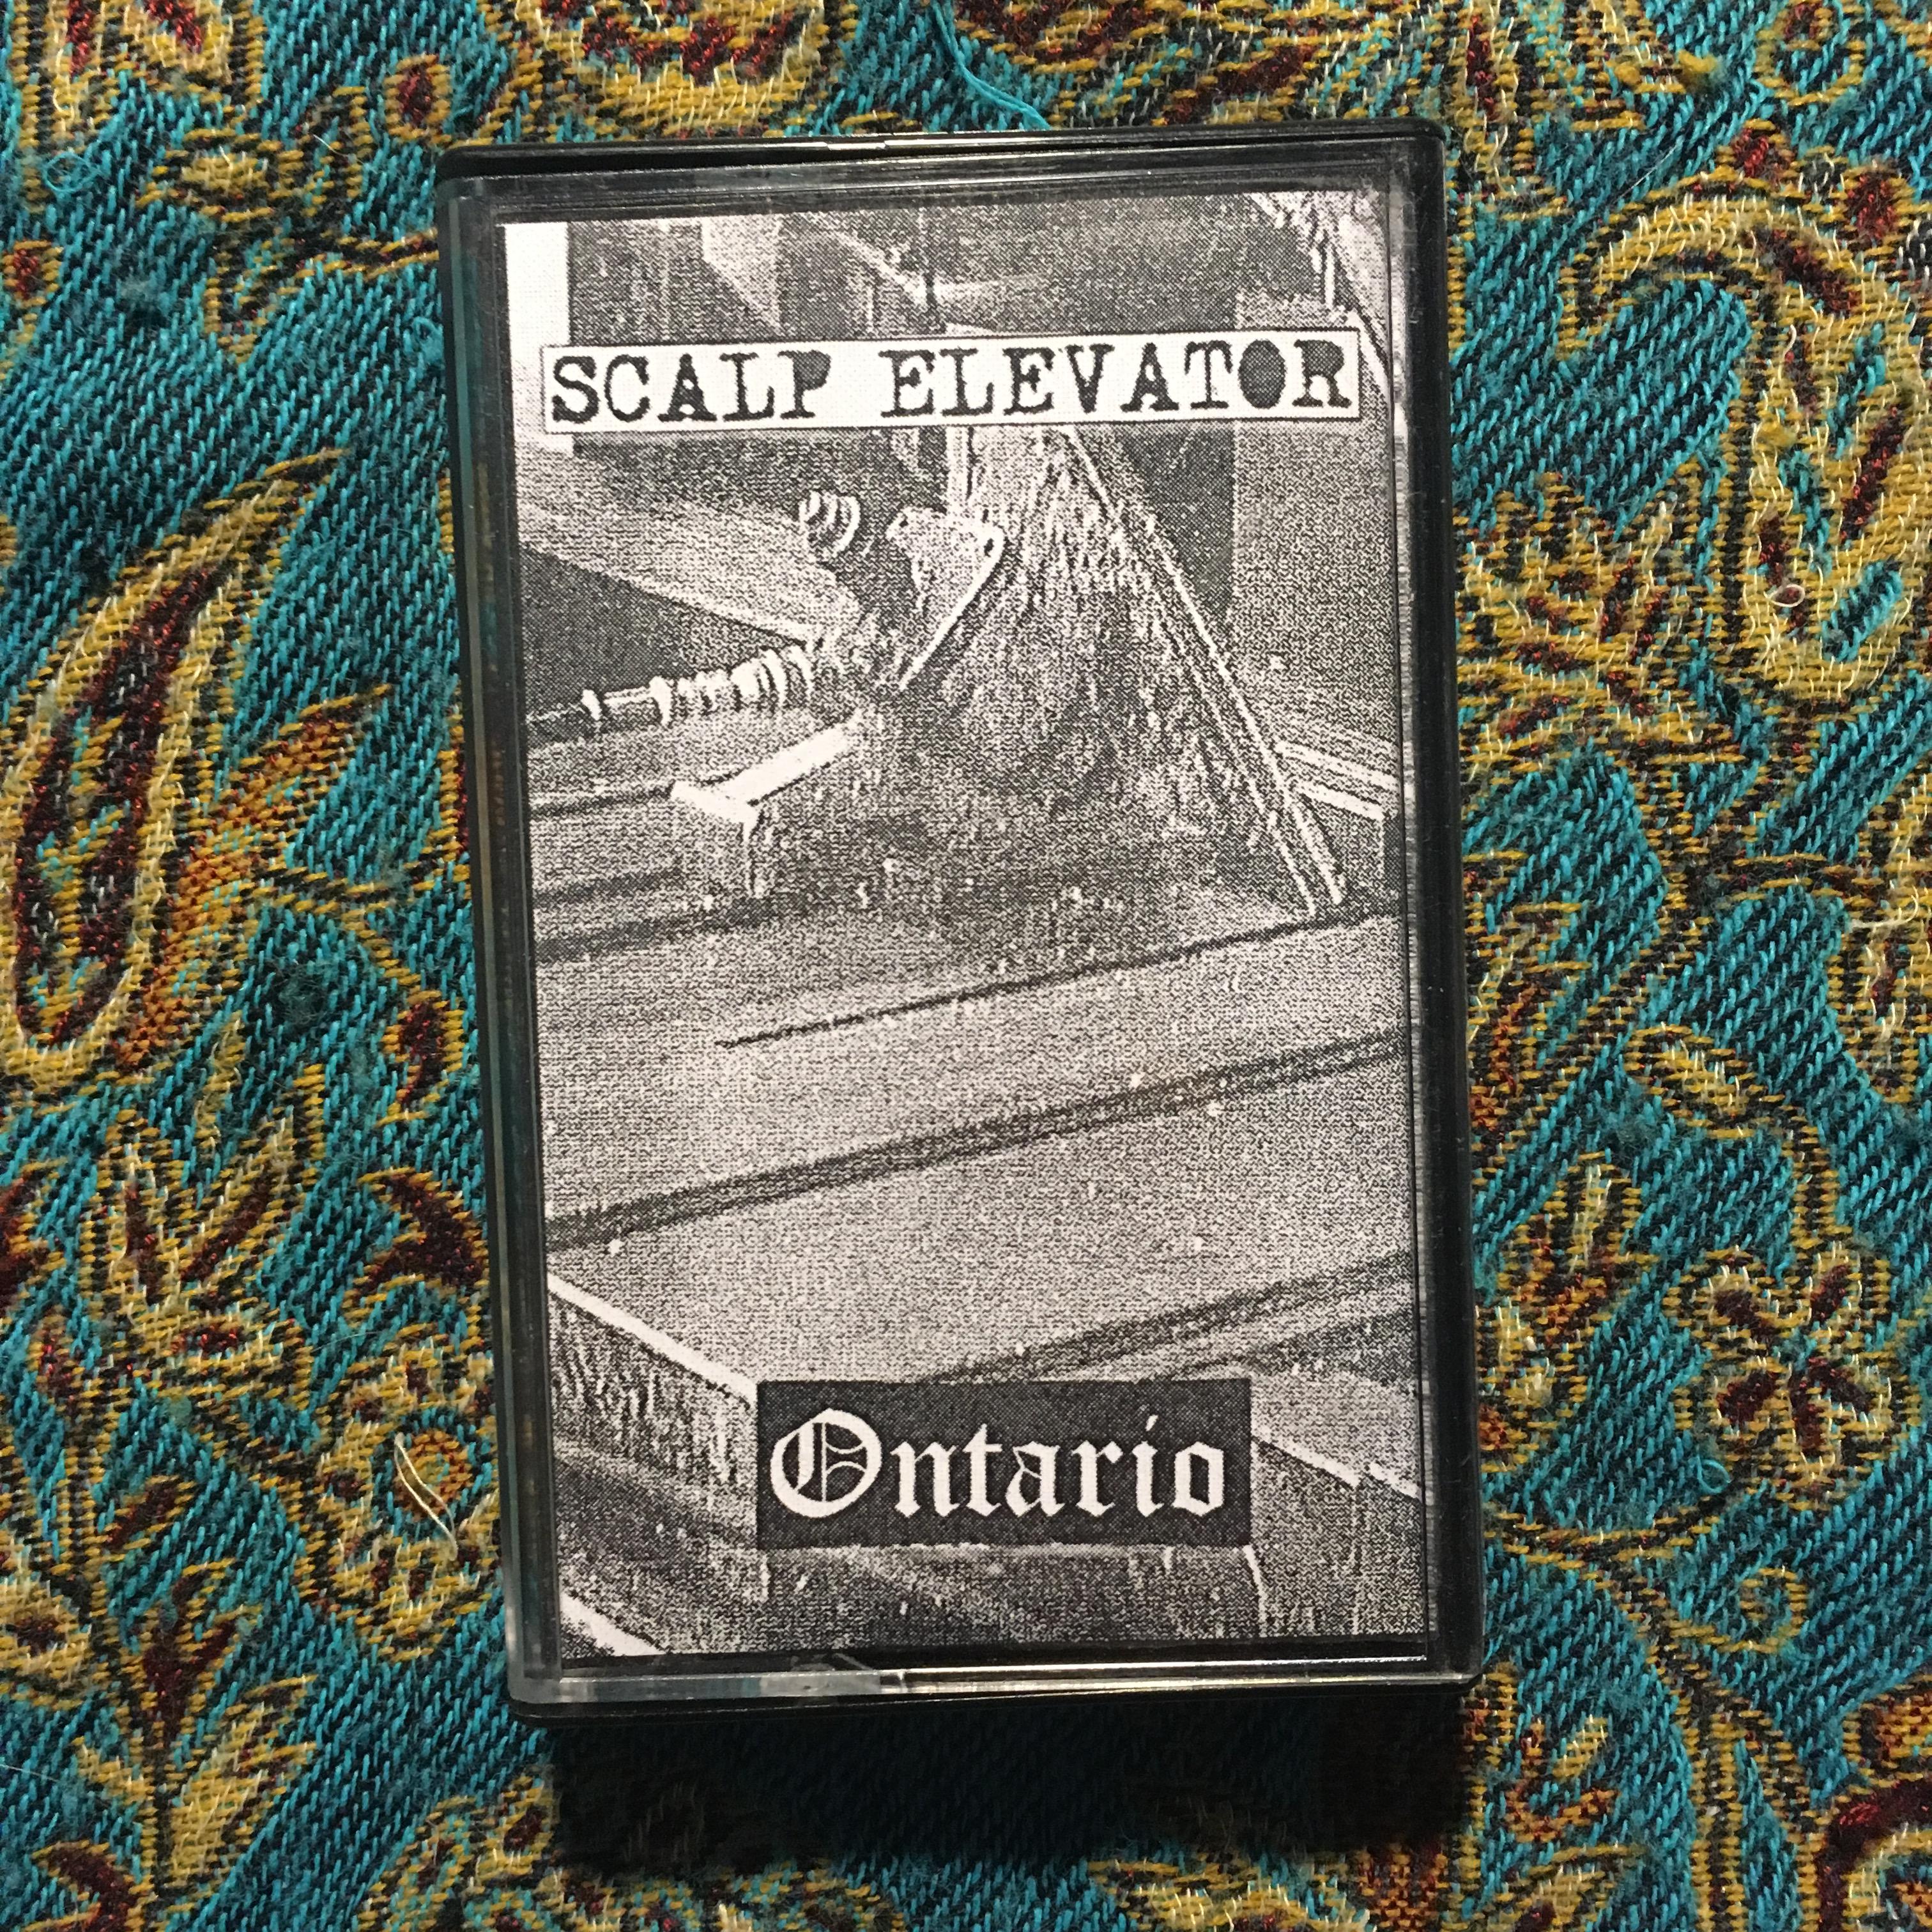 SCALP ELEVATOR – Ontario CS